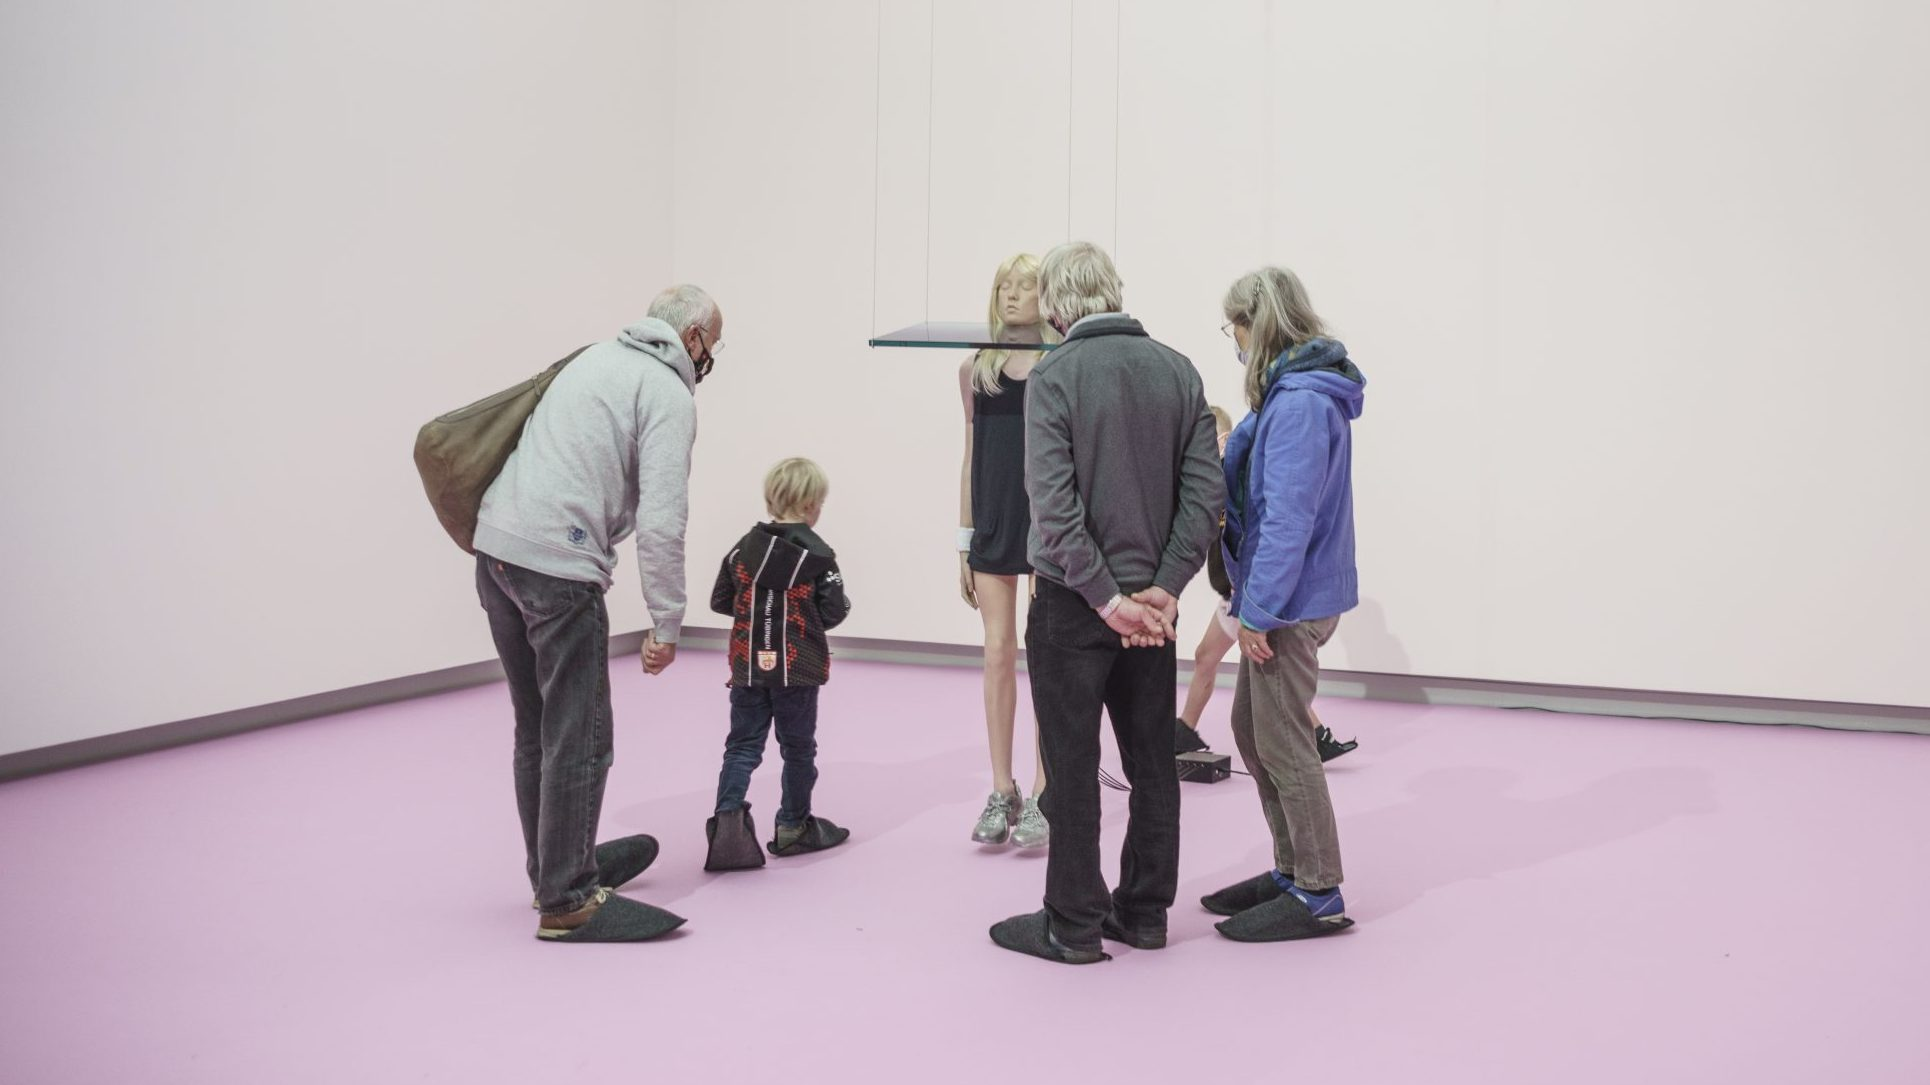 Blick in die Supernatural-Ausstellung in der Kunsthalle Tübingen. Foto: Ulrich Metz, 2020